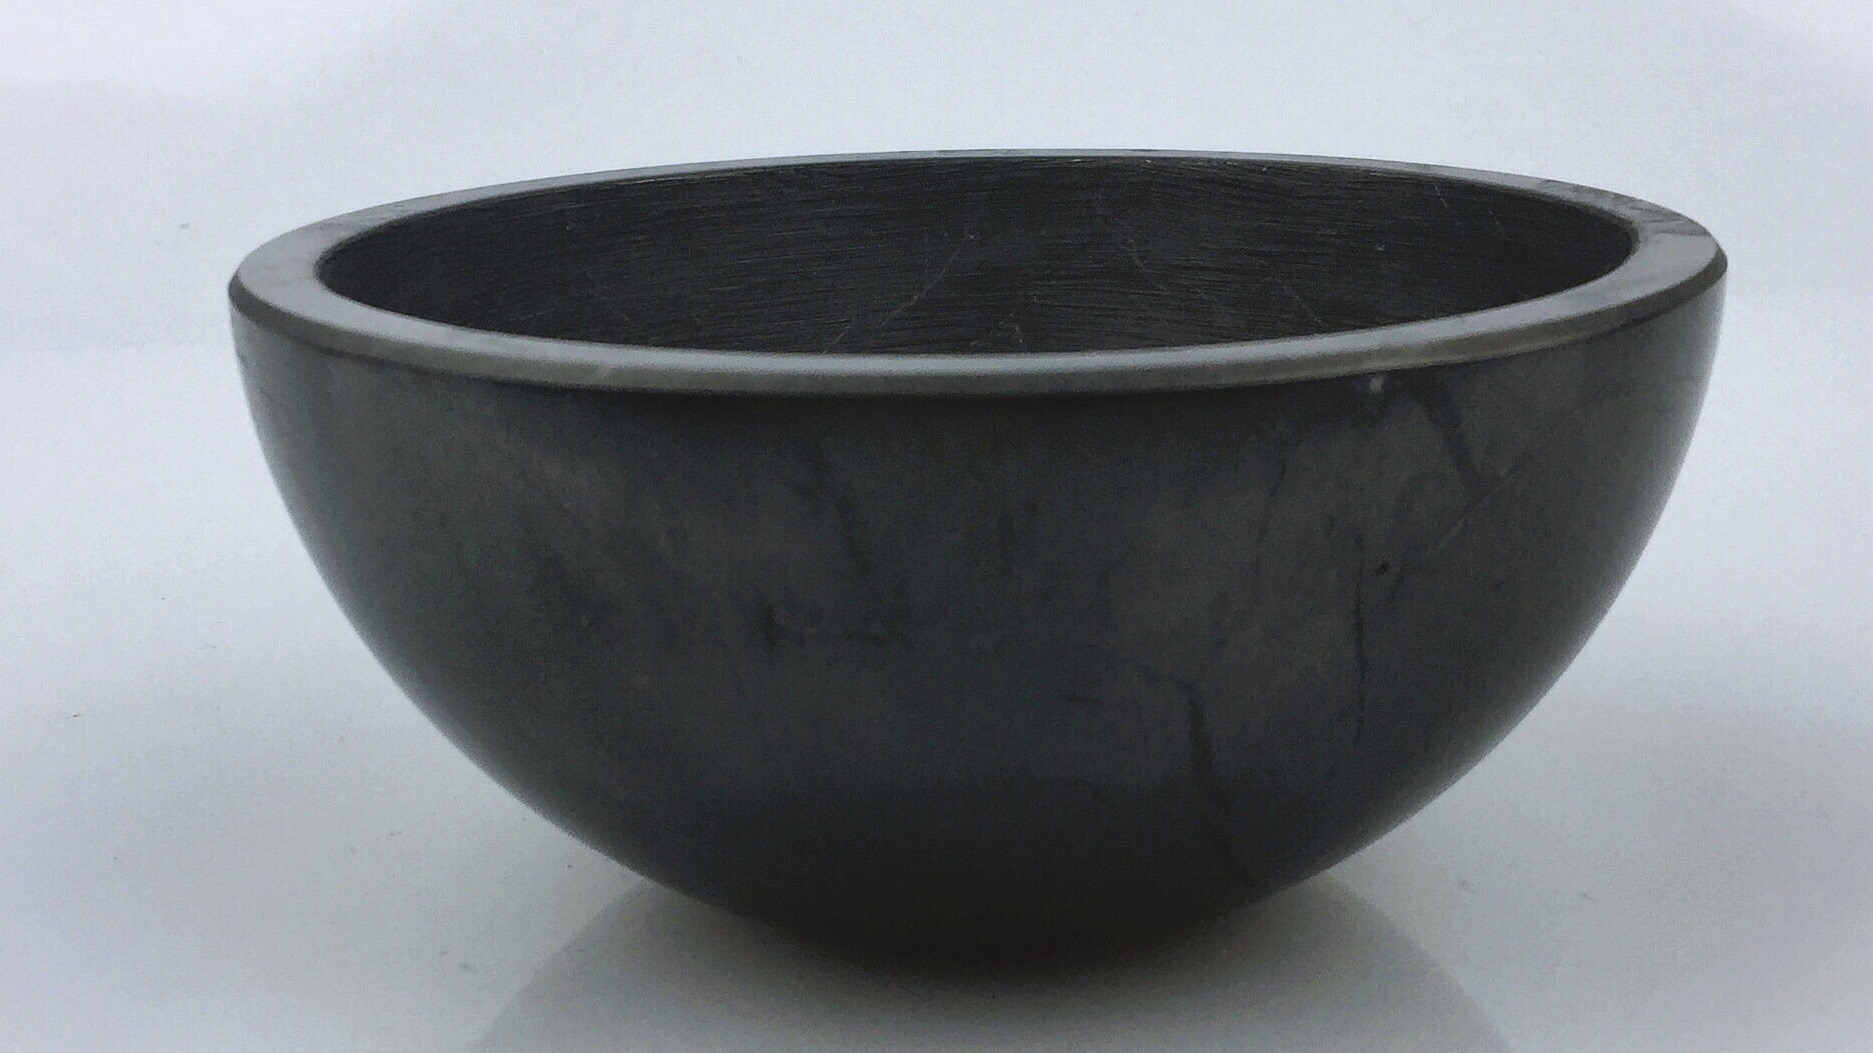 Bowl shungit